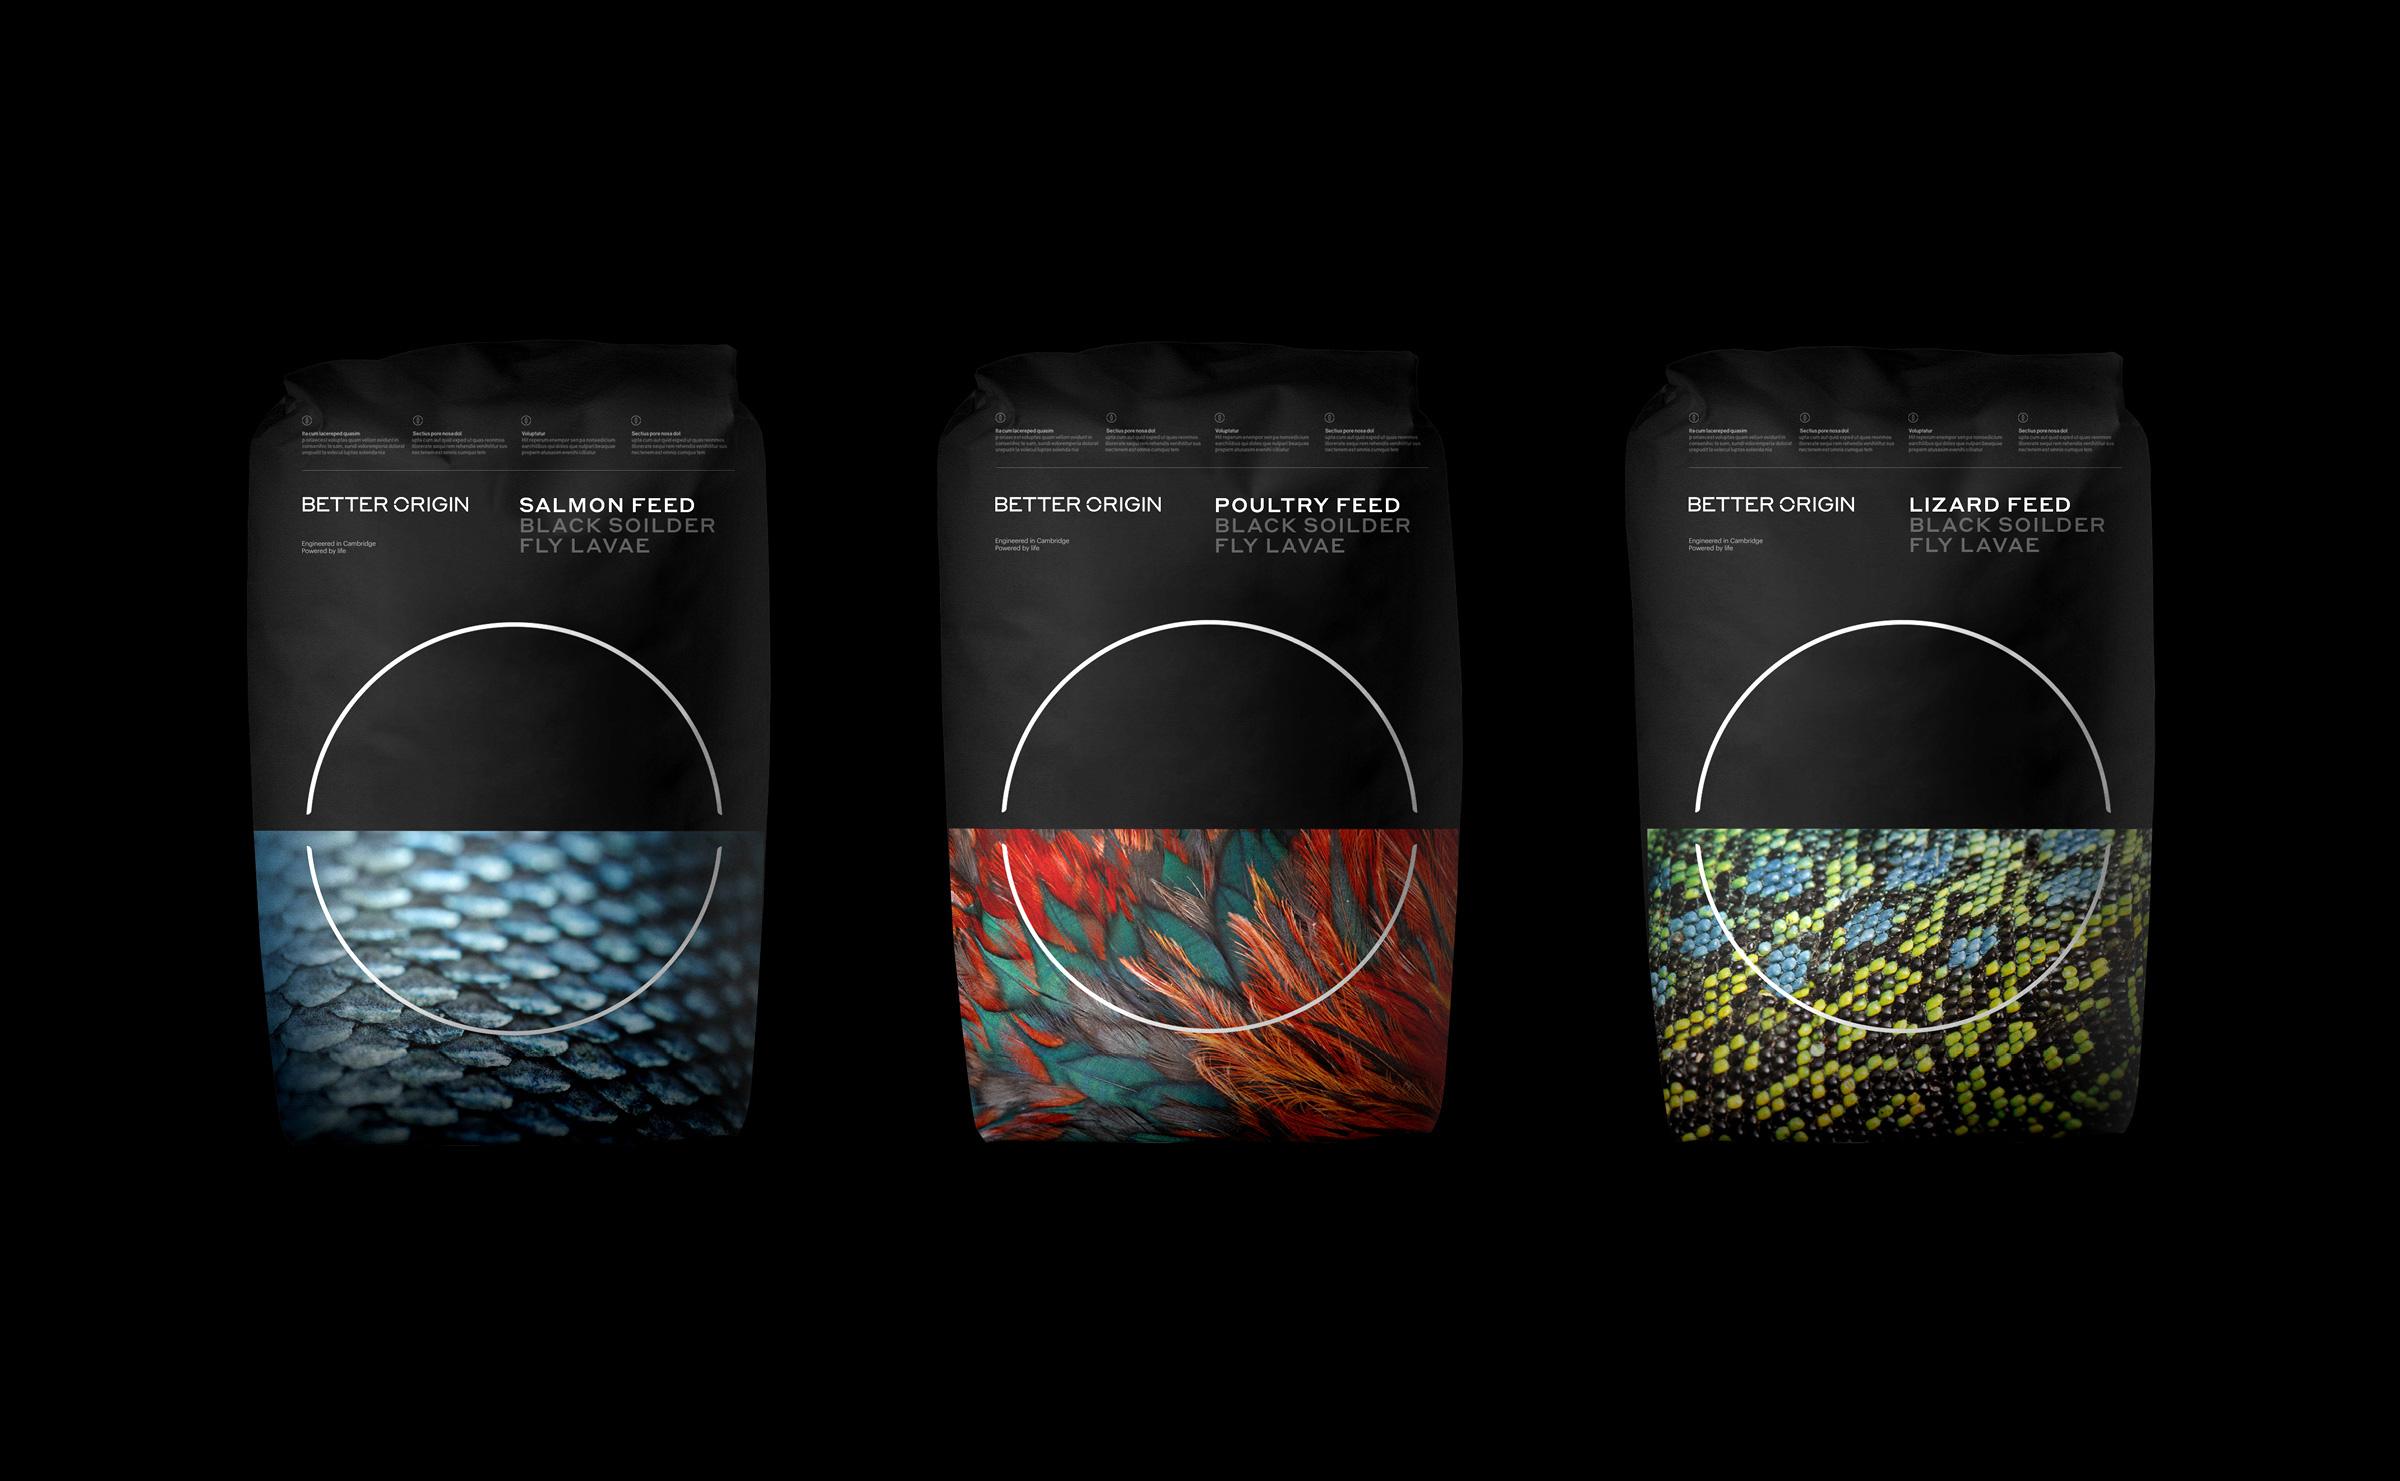 Better_origin__brand_idenity_packaging